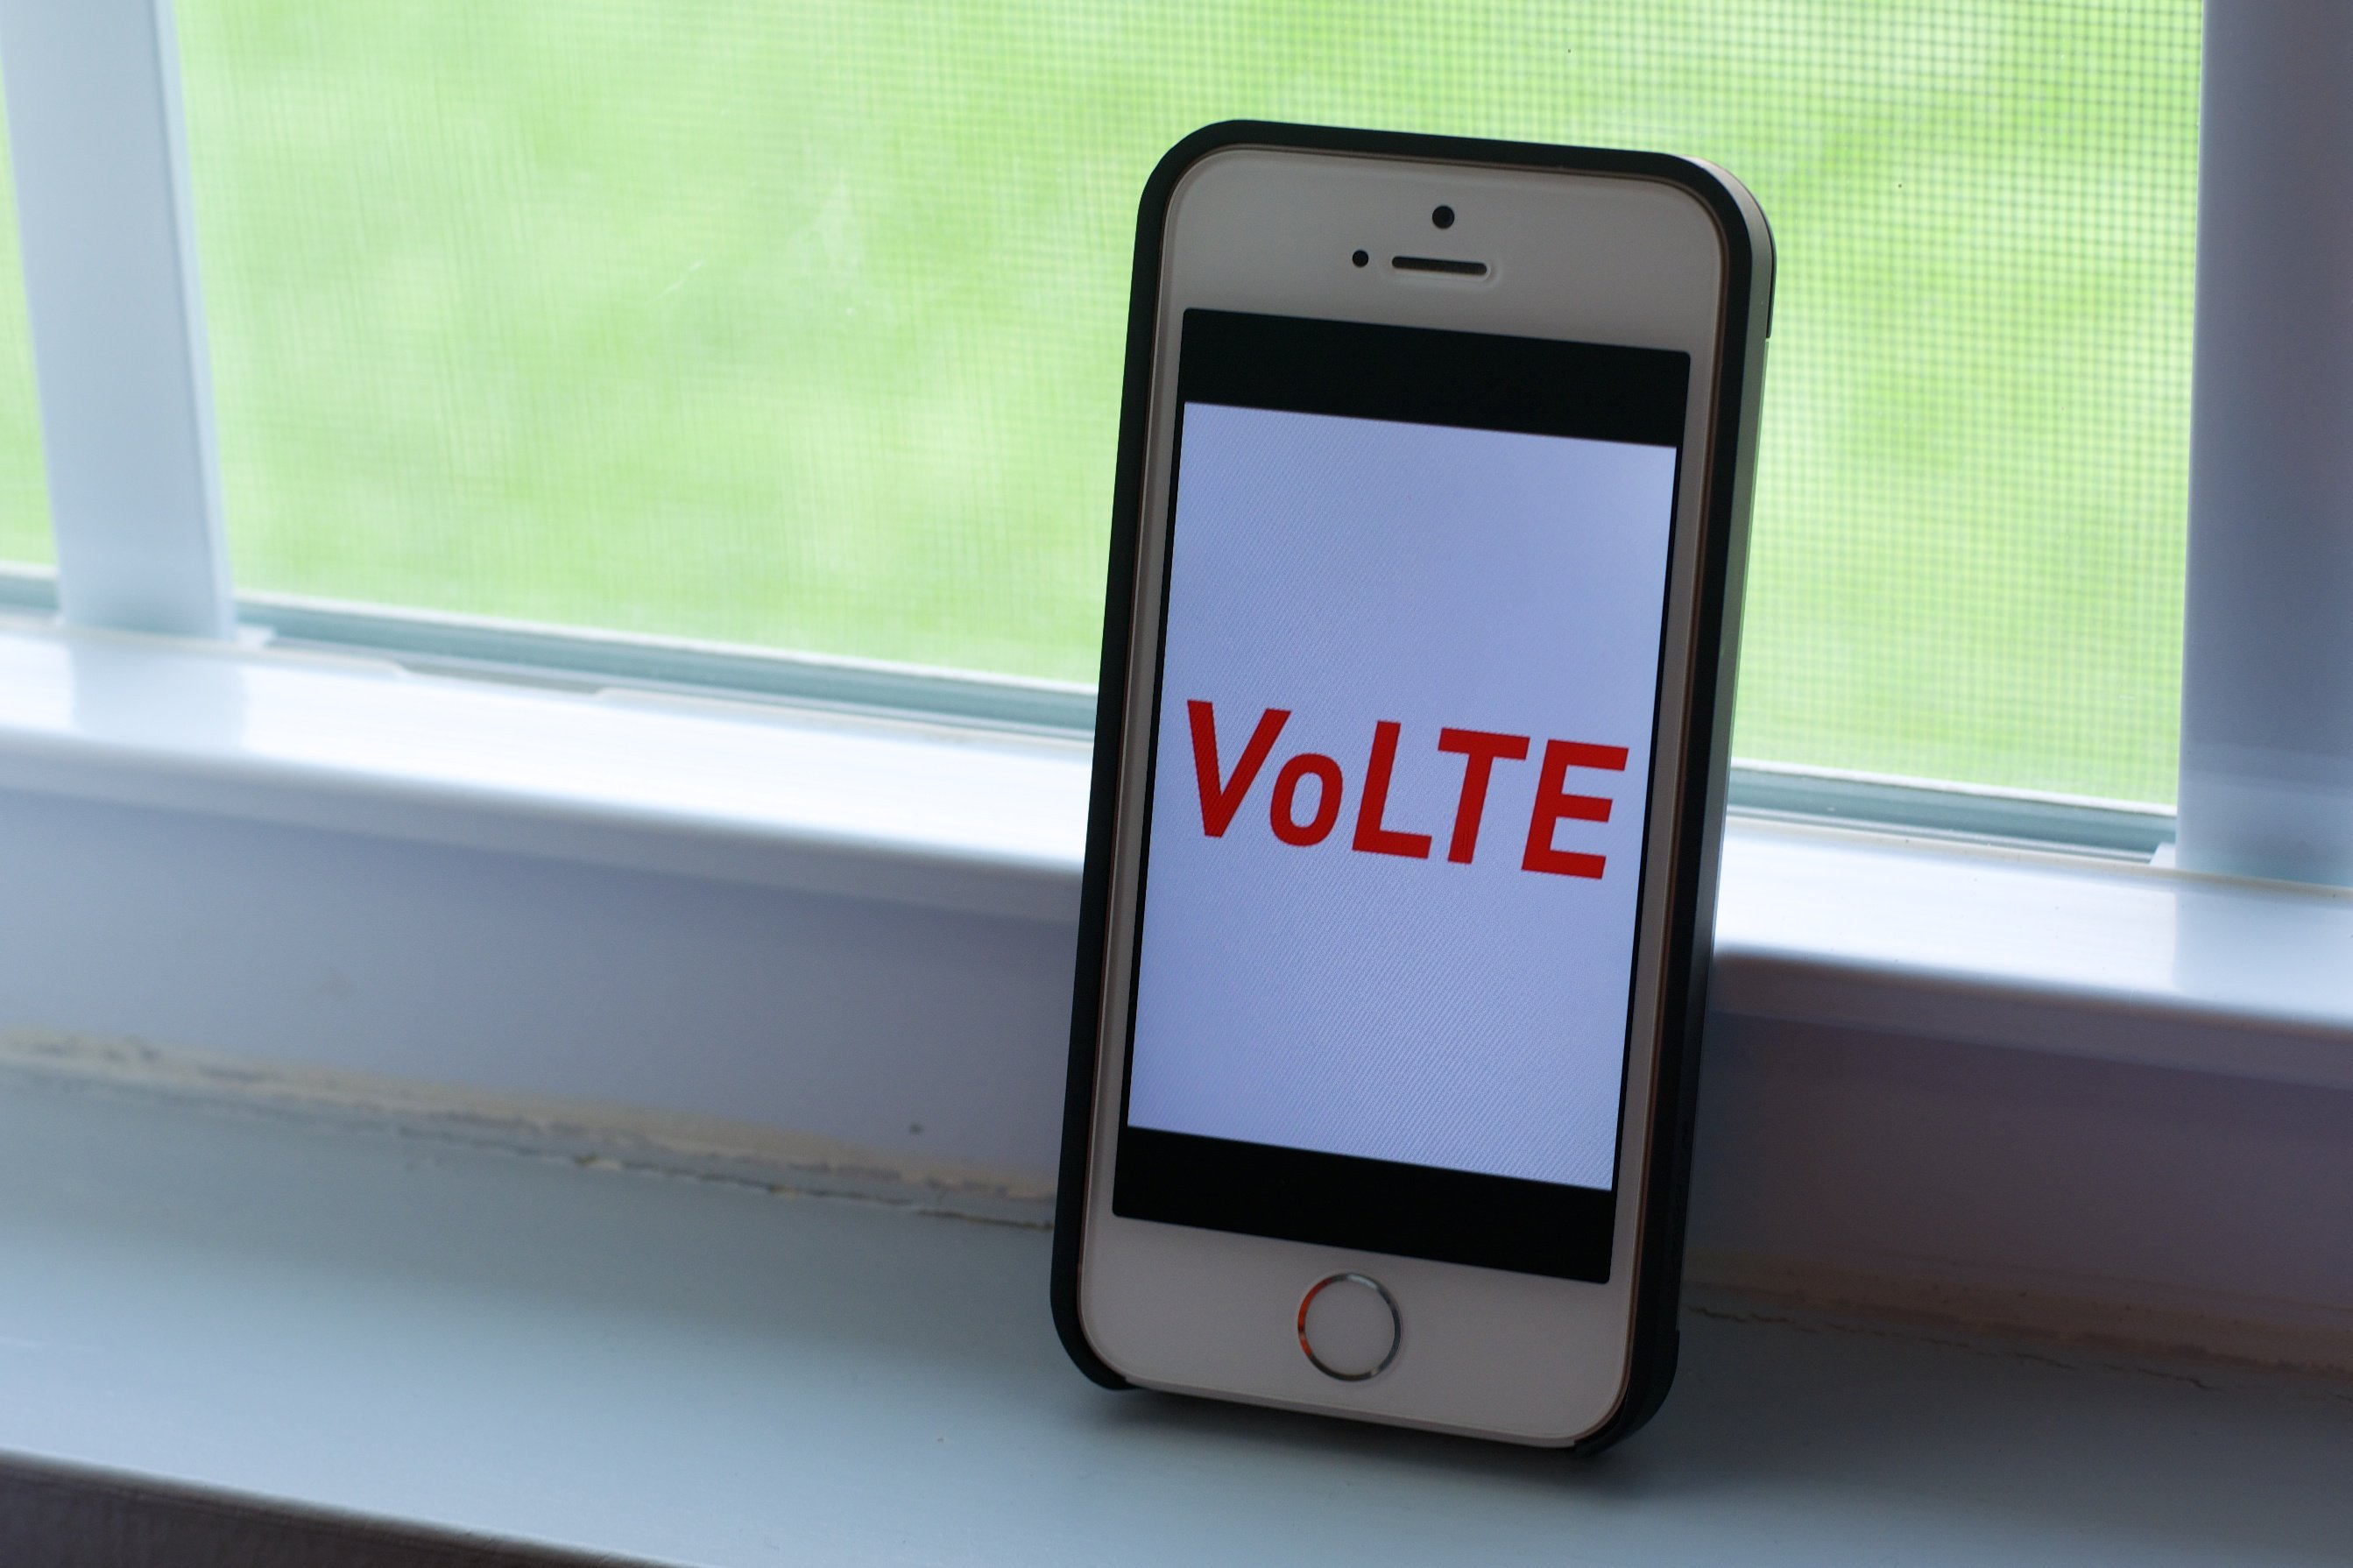 Что такое volte в телефоне, как включить и отключить: описание и инструкции